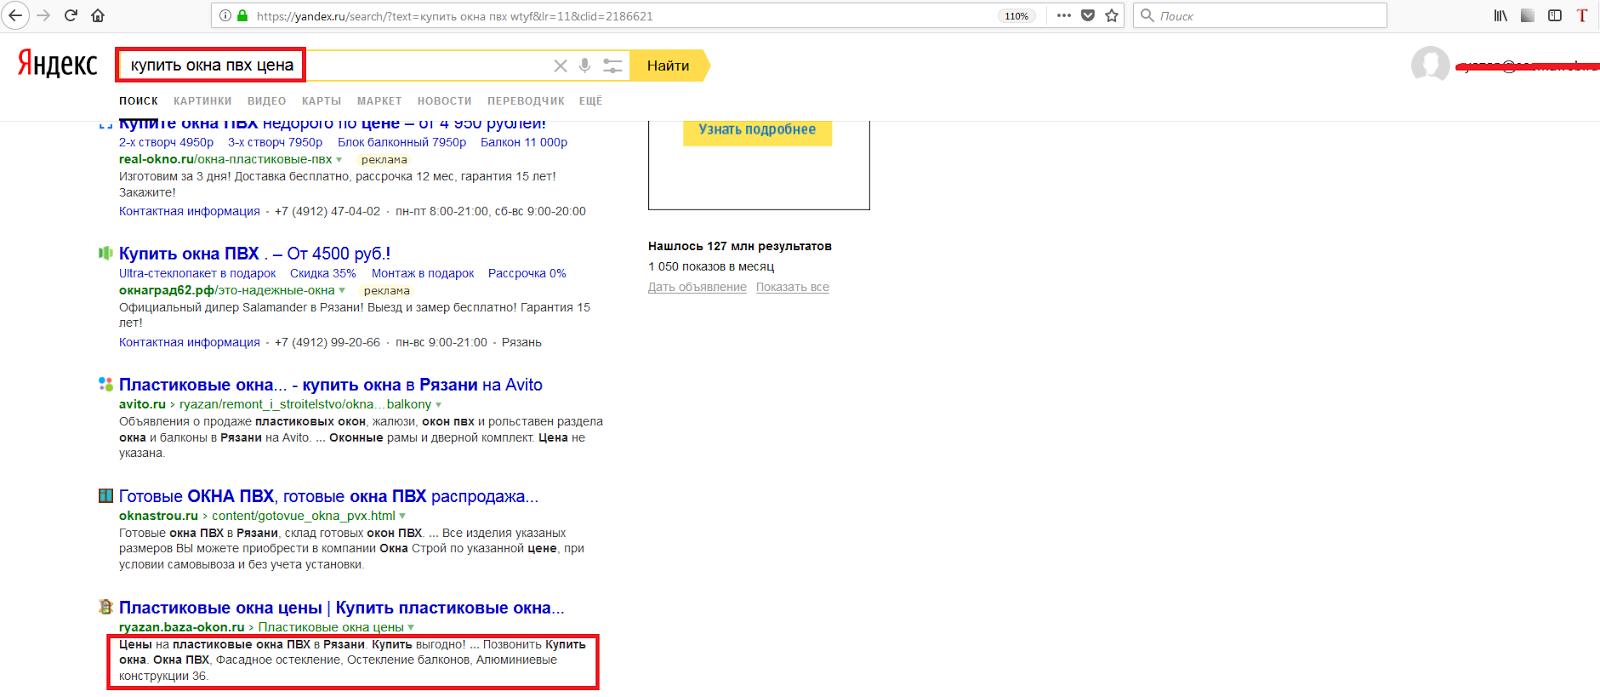 Как сделать описания сайта на яндекс